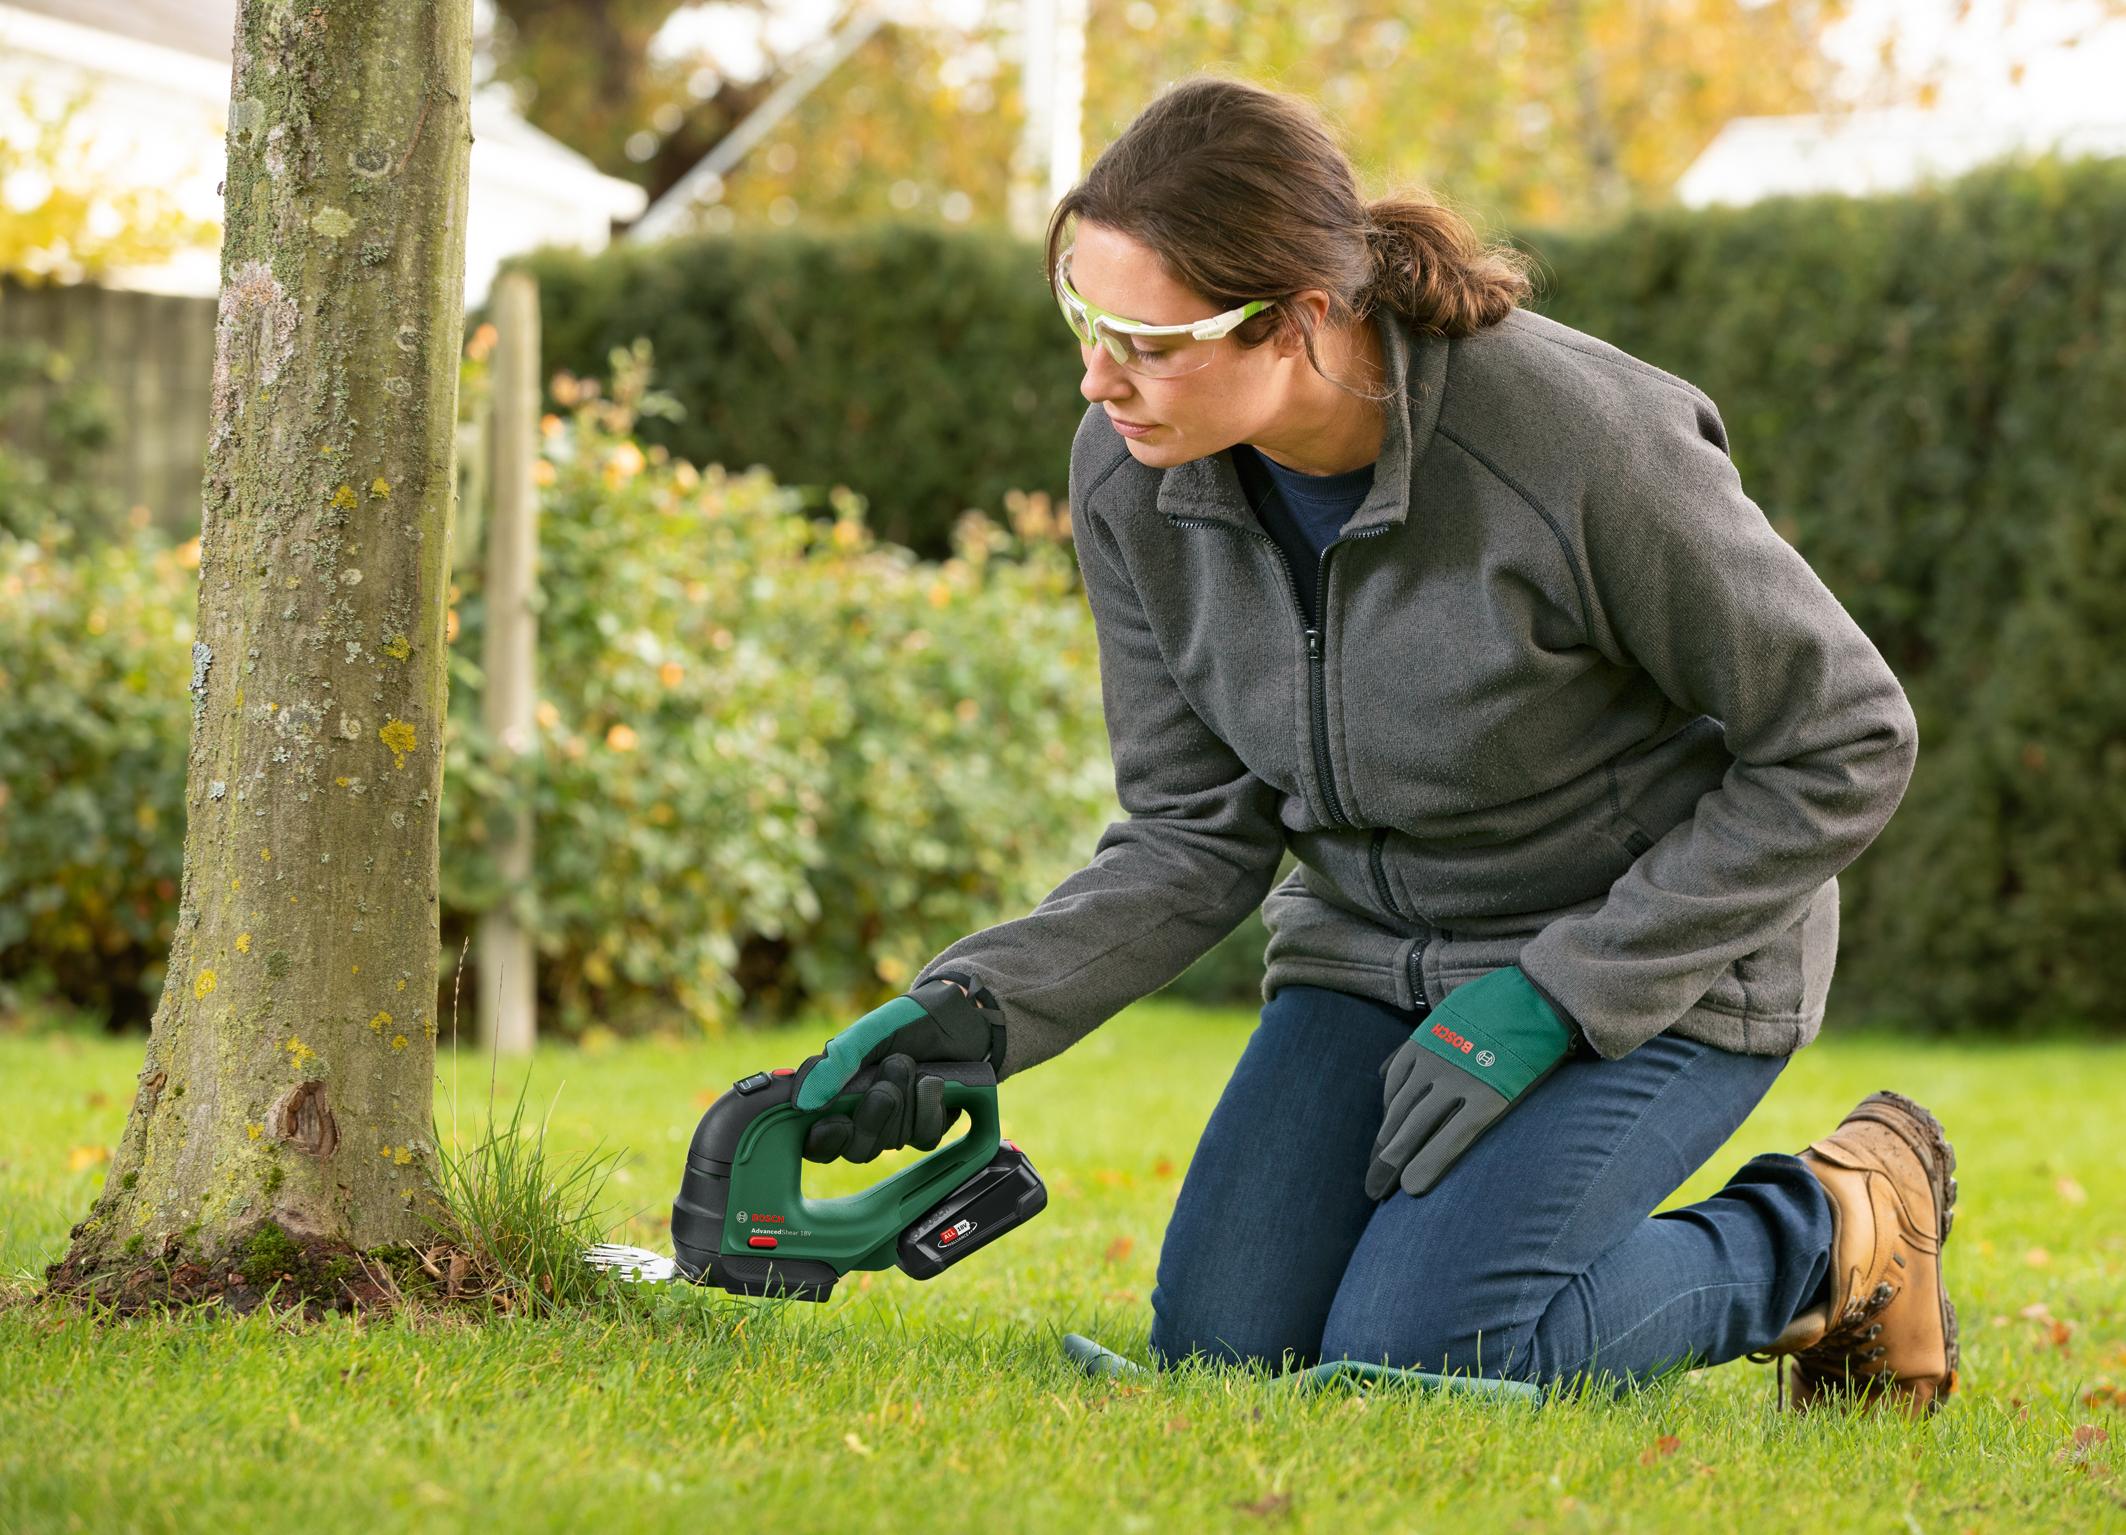 Bessere Schnittleistung als herkömmliche Gras- und Strauchscheren: AdvancedShear 18V-10 von Bosch für Hobbygärtner